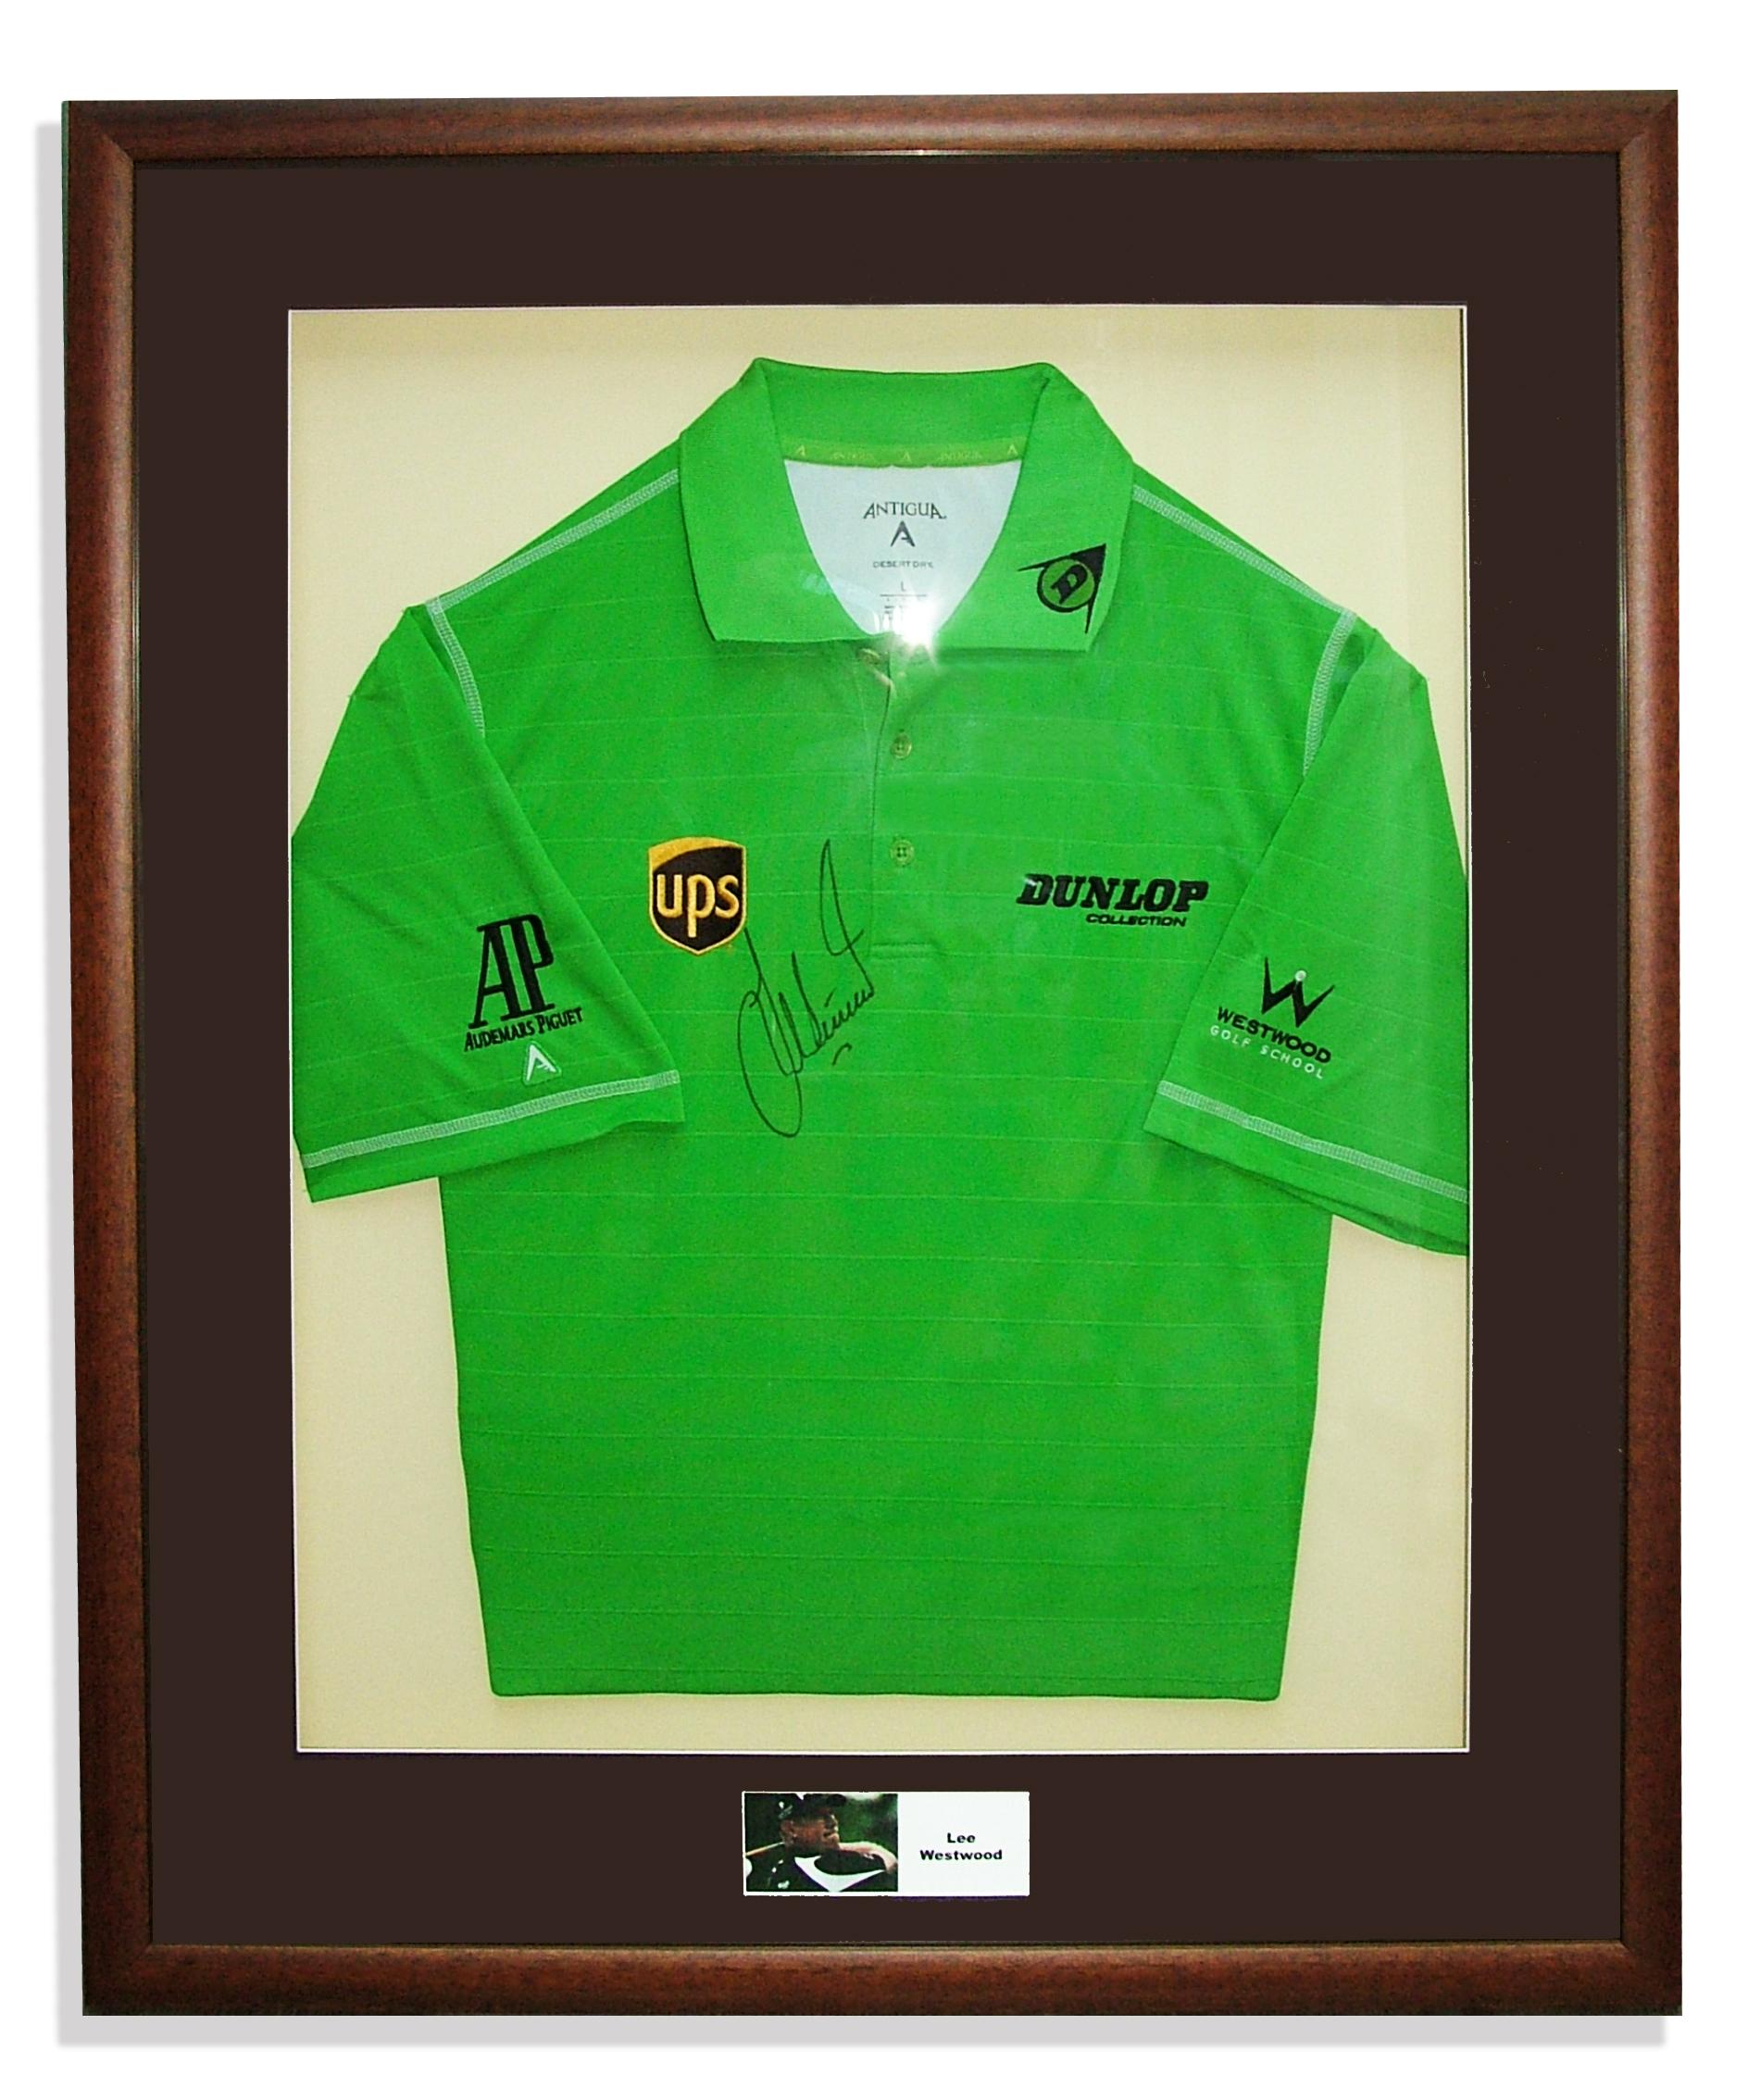 lee-westwood-golf-shirt-framed